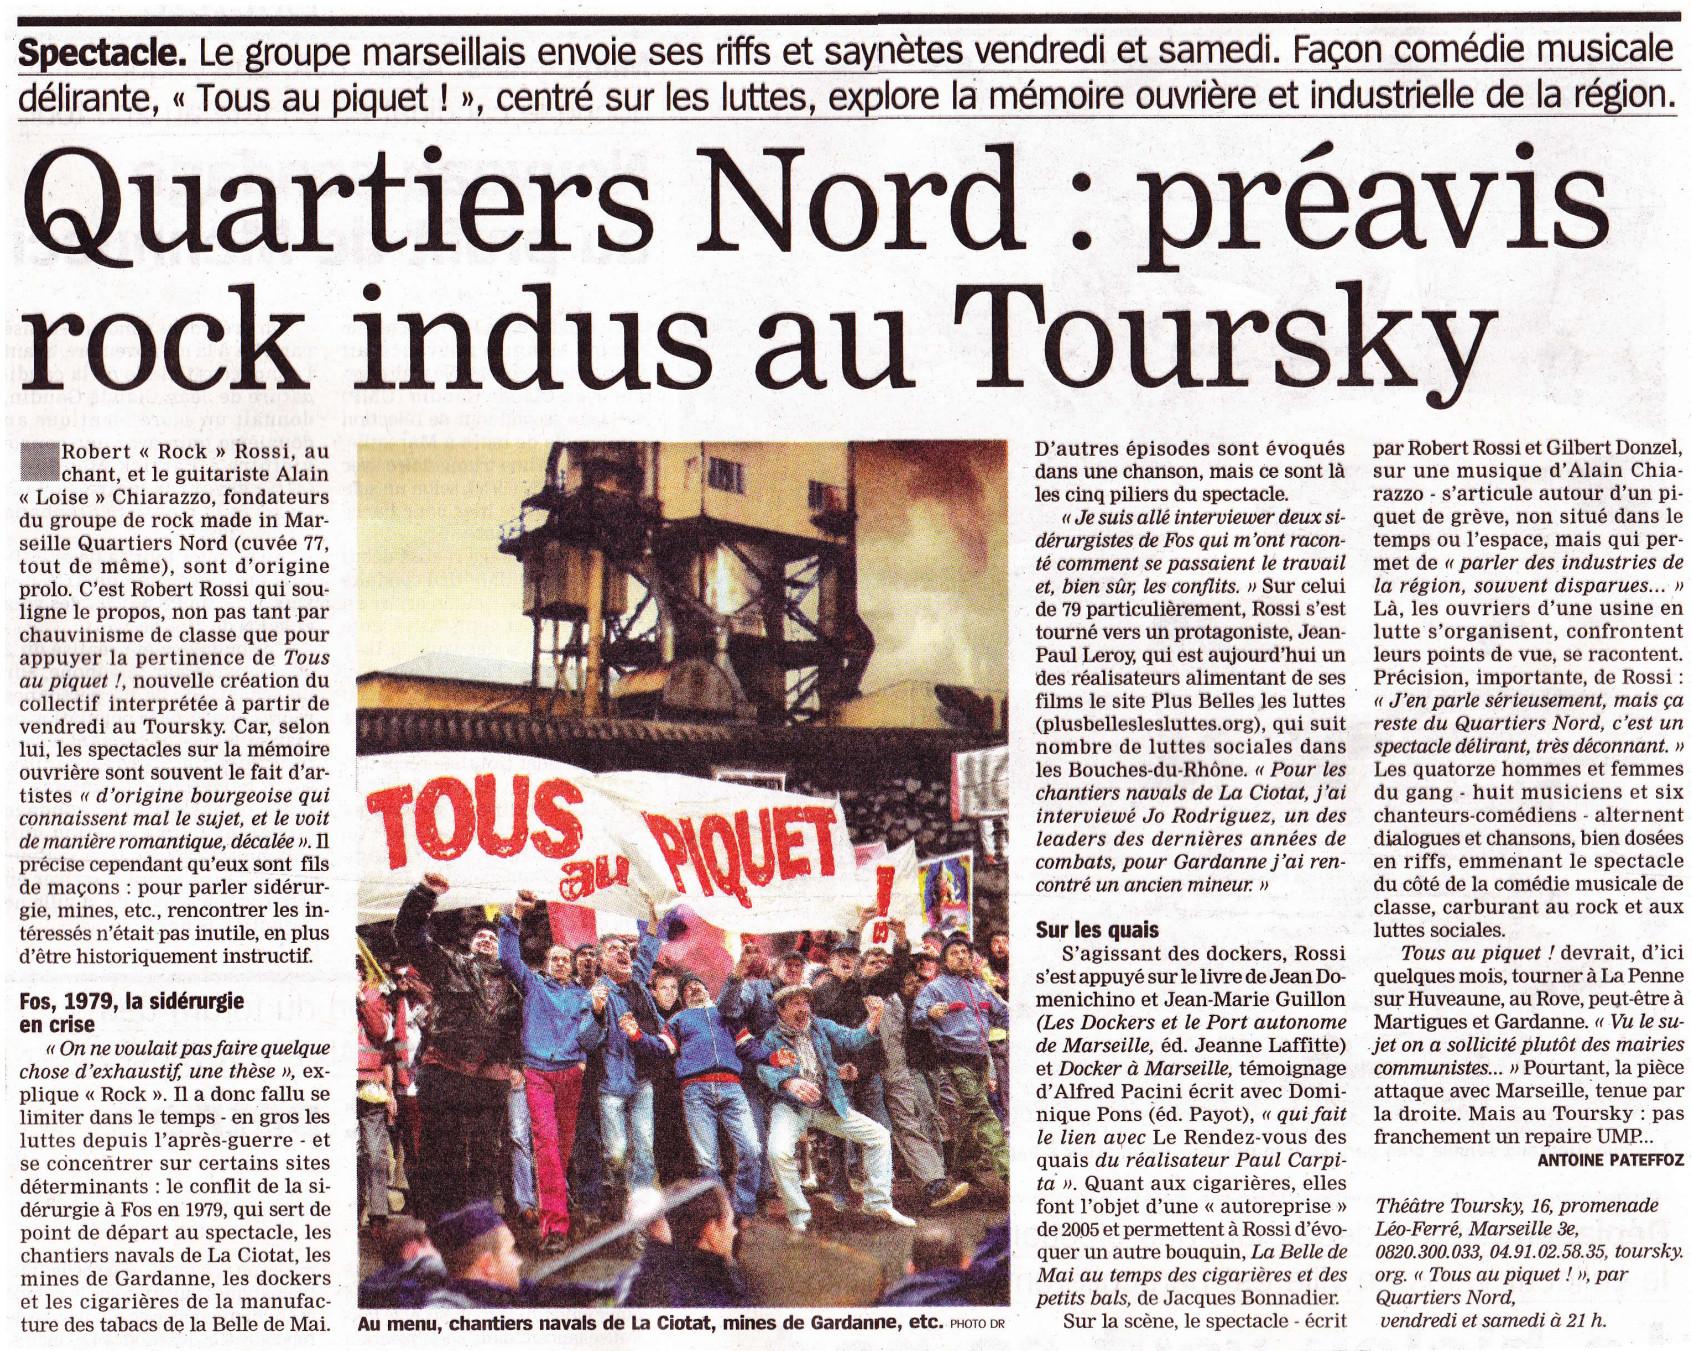 Quartiers Nord, spectacle Tous au piquet ! Presse, La Marseillaise 9 janvier 2014